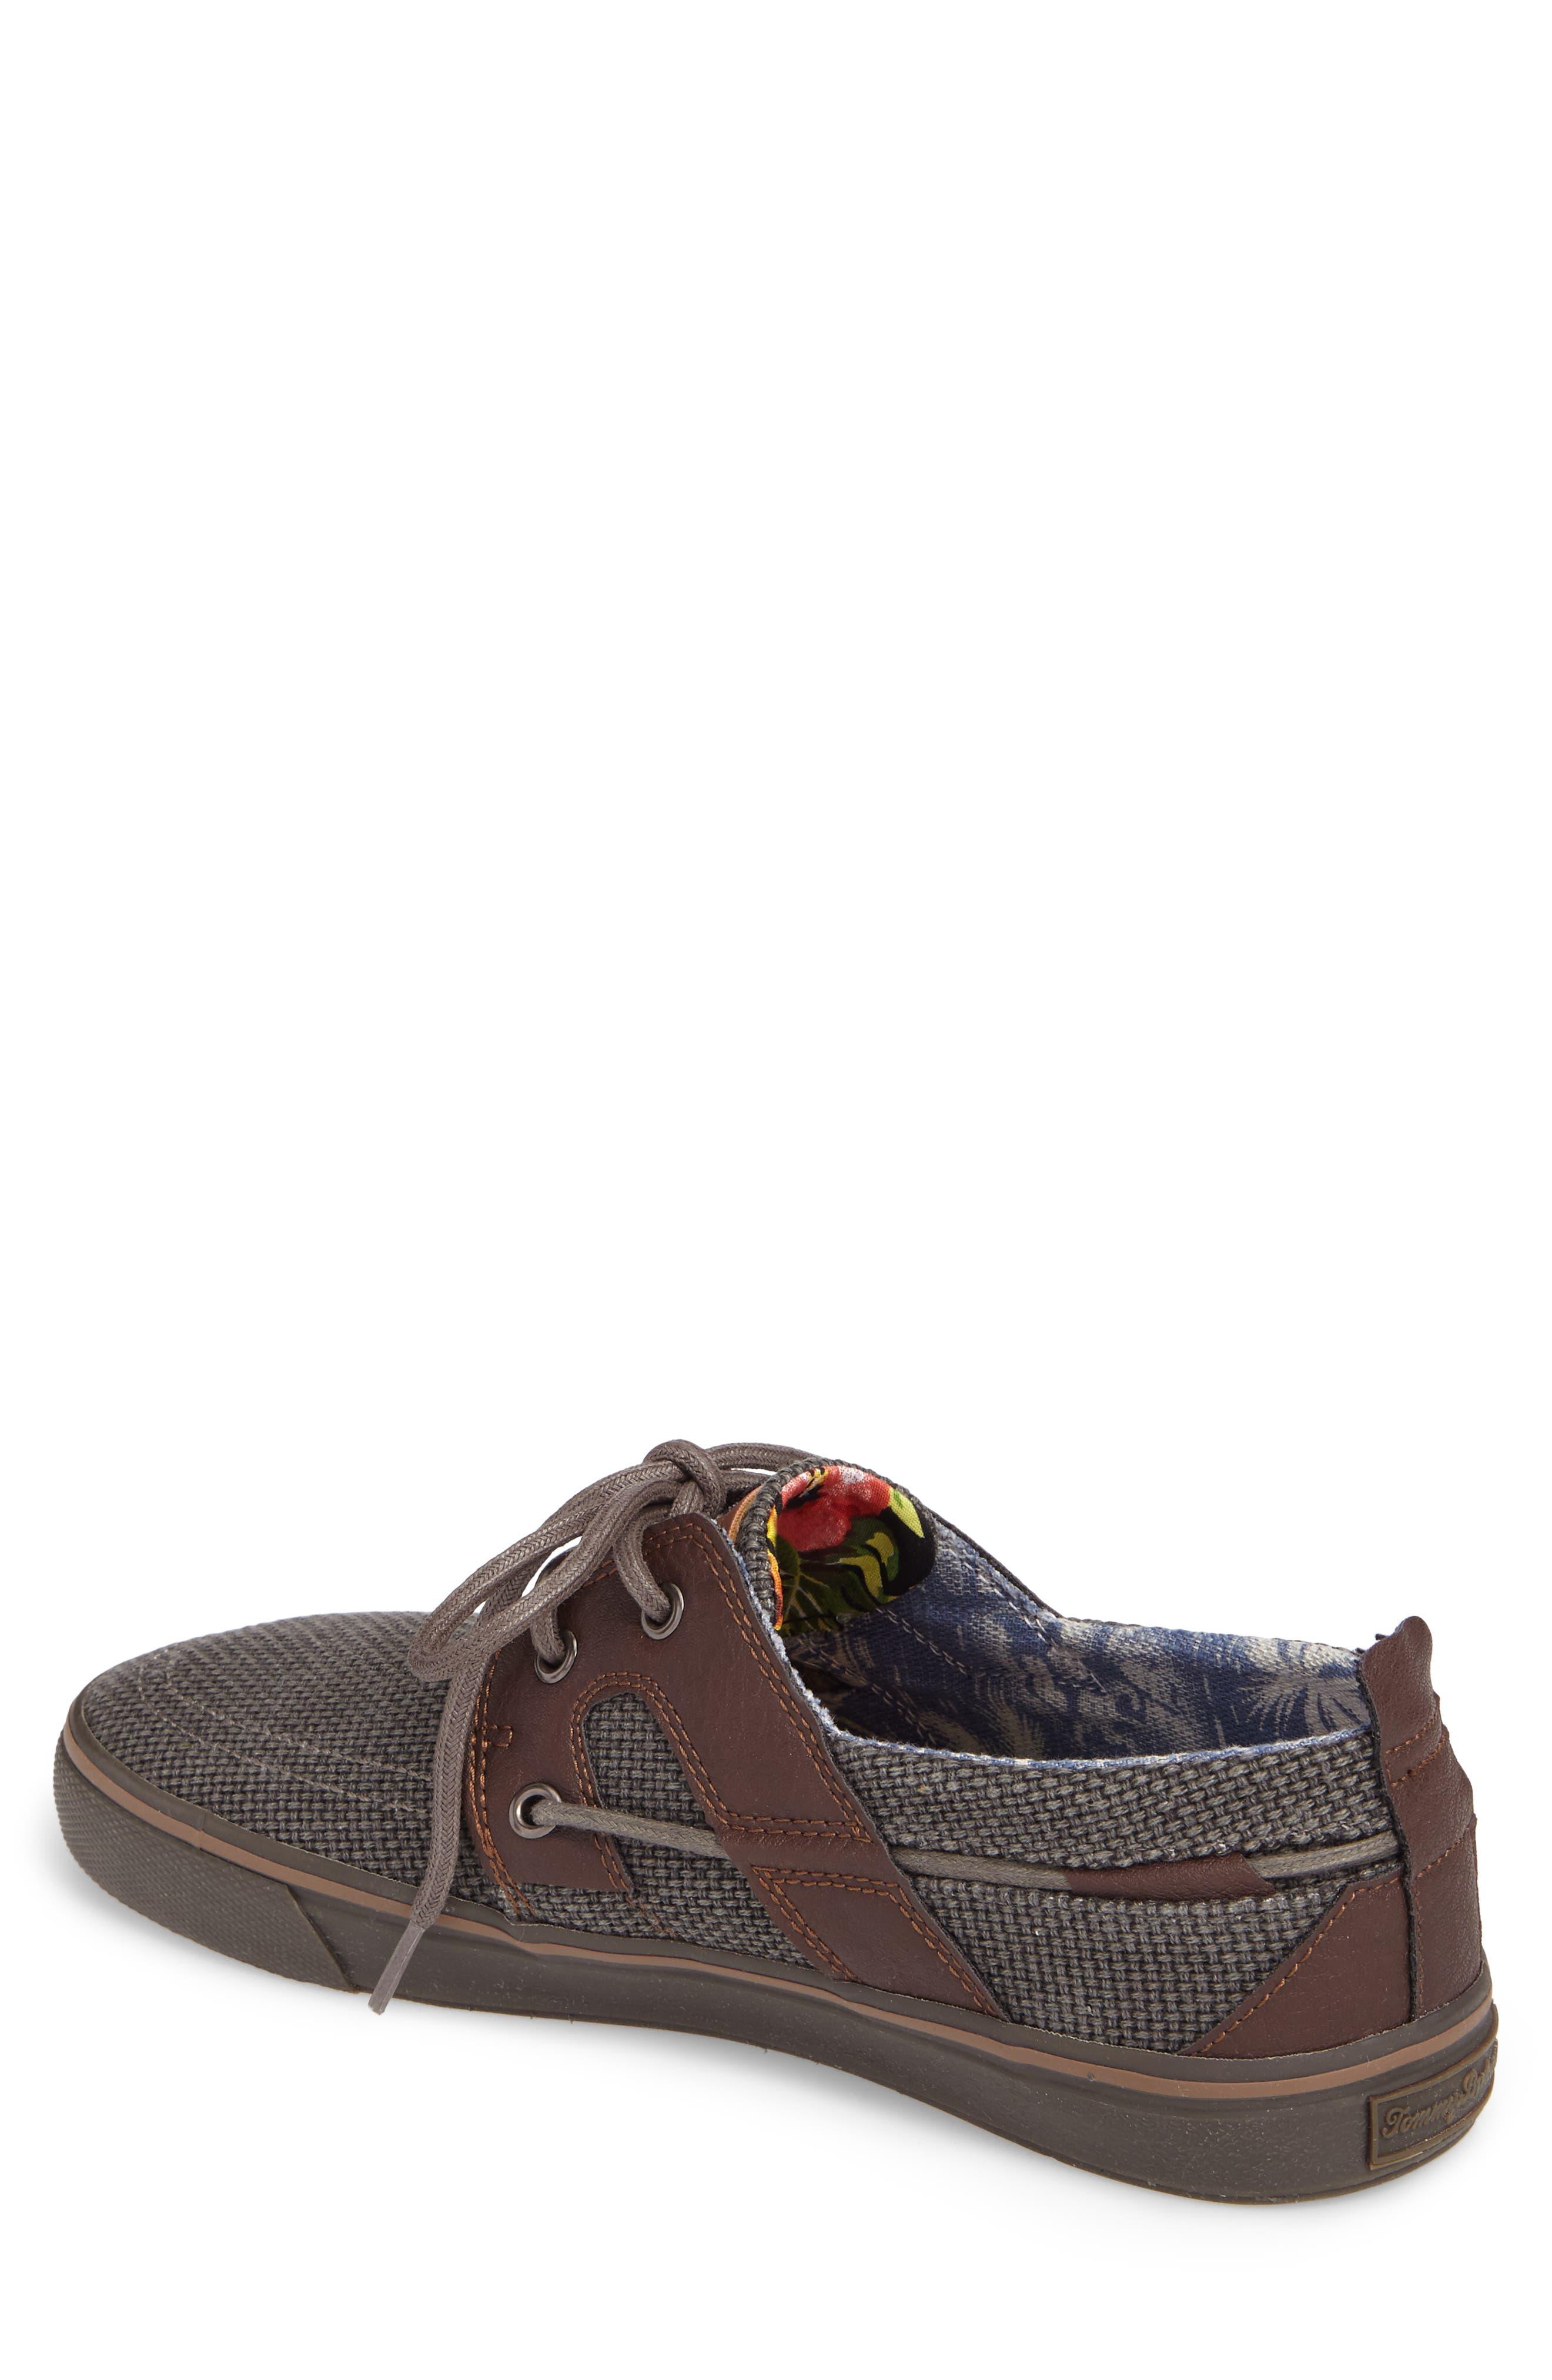 Stripe Breaker Sneaker,                             Alternate thumbnail 2, color,                             Dark Grey/ Dark Brown